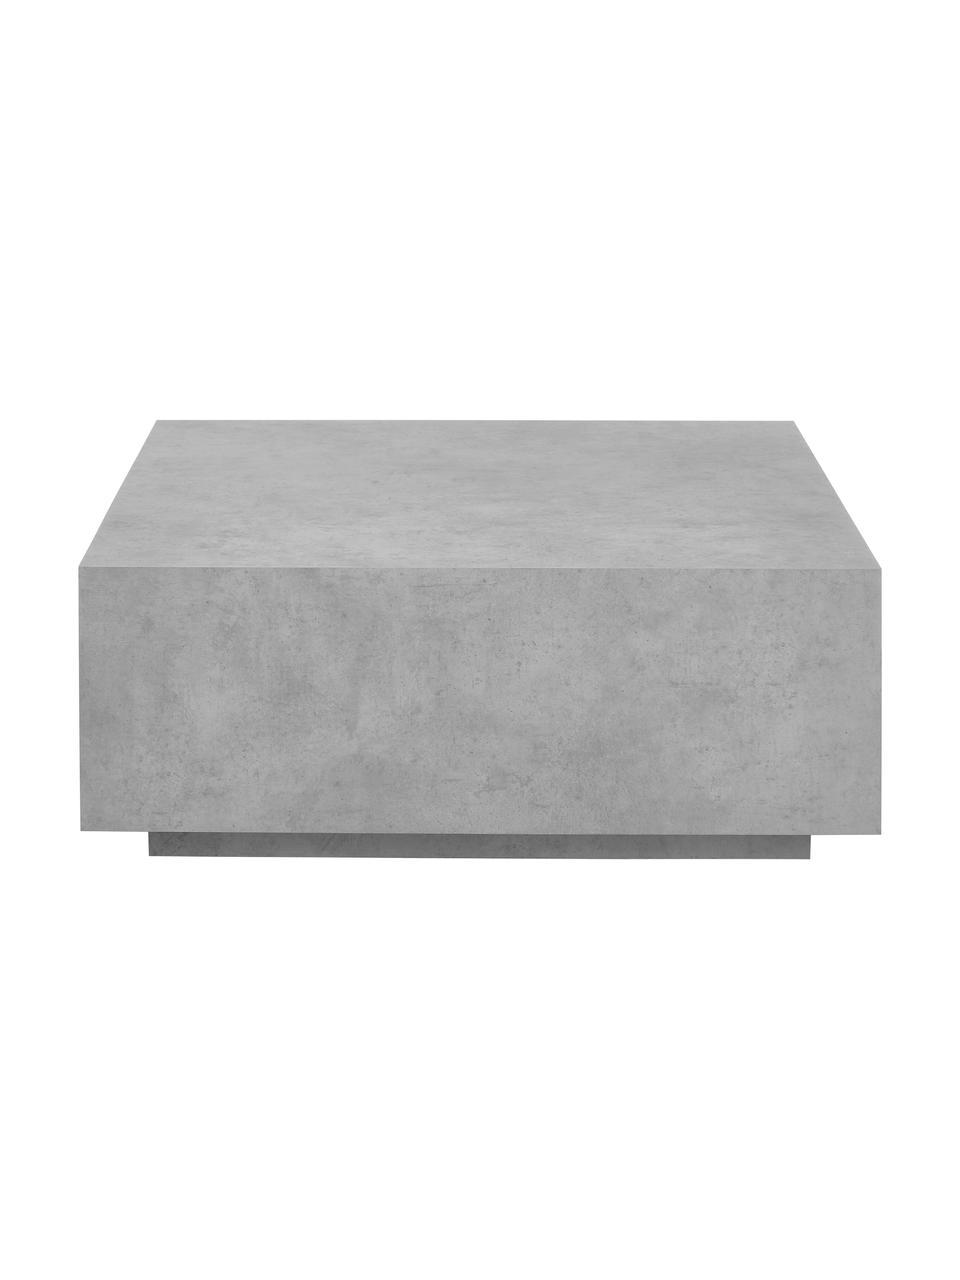 Stolik kawowy z imitacją betonu Lesley, Płyta pilśniowa średniej gęstości (MDF) pokryta folią melaminową, Szary, imitacja betonu, S 90 x W 35 cm